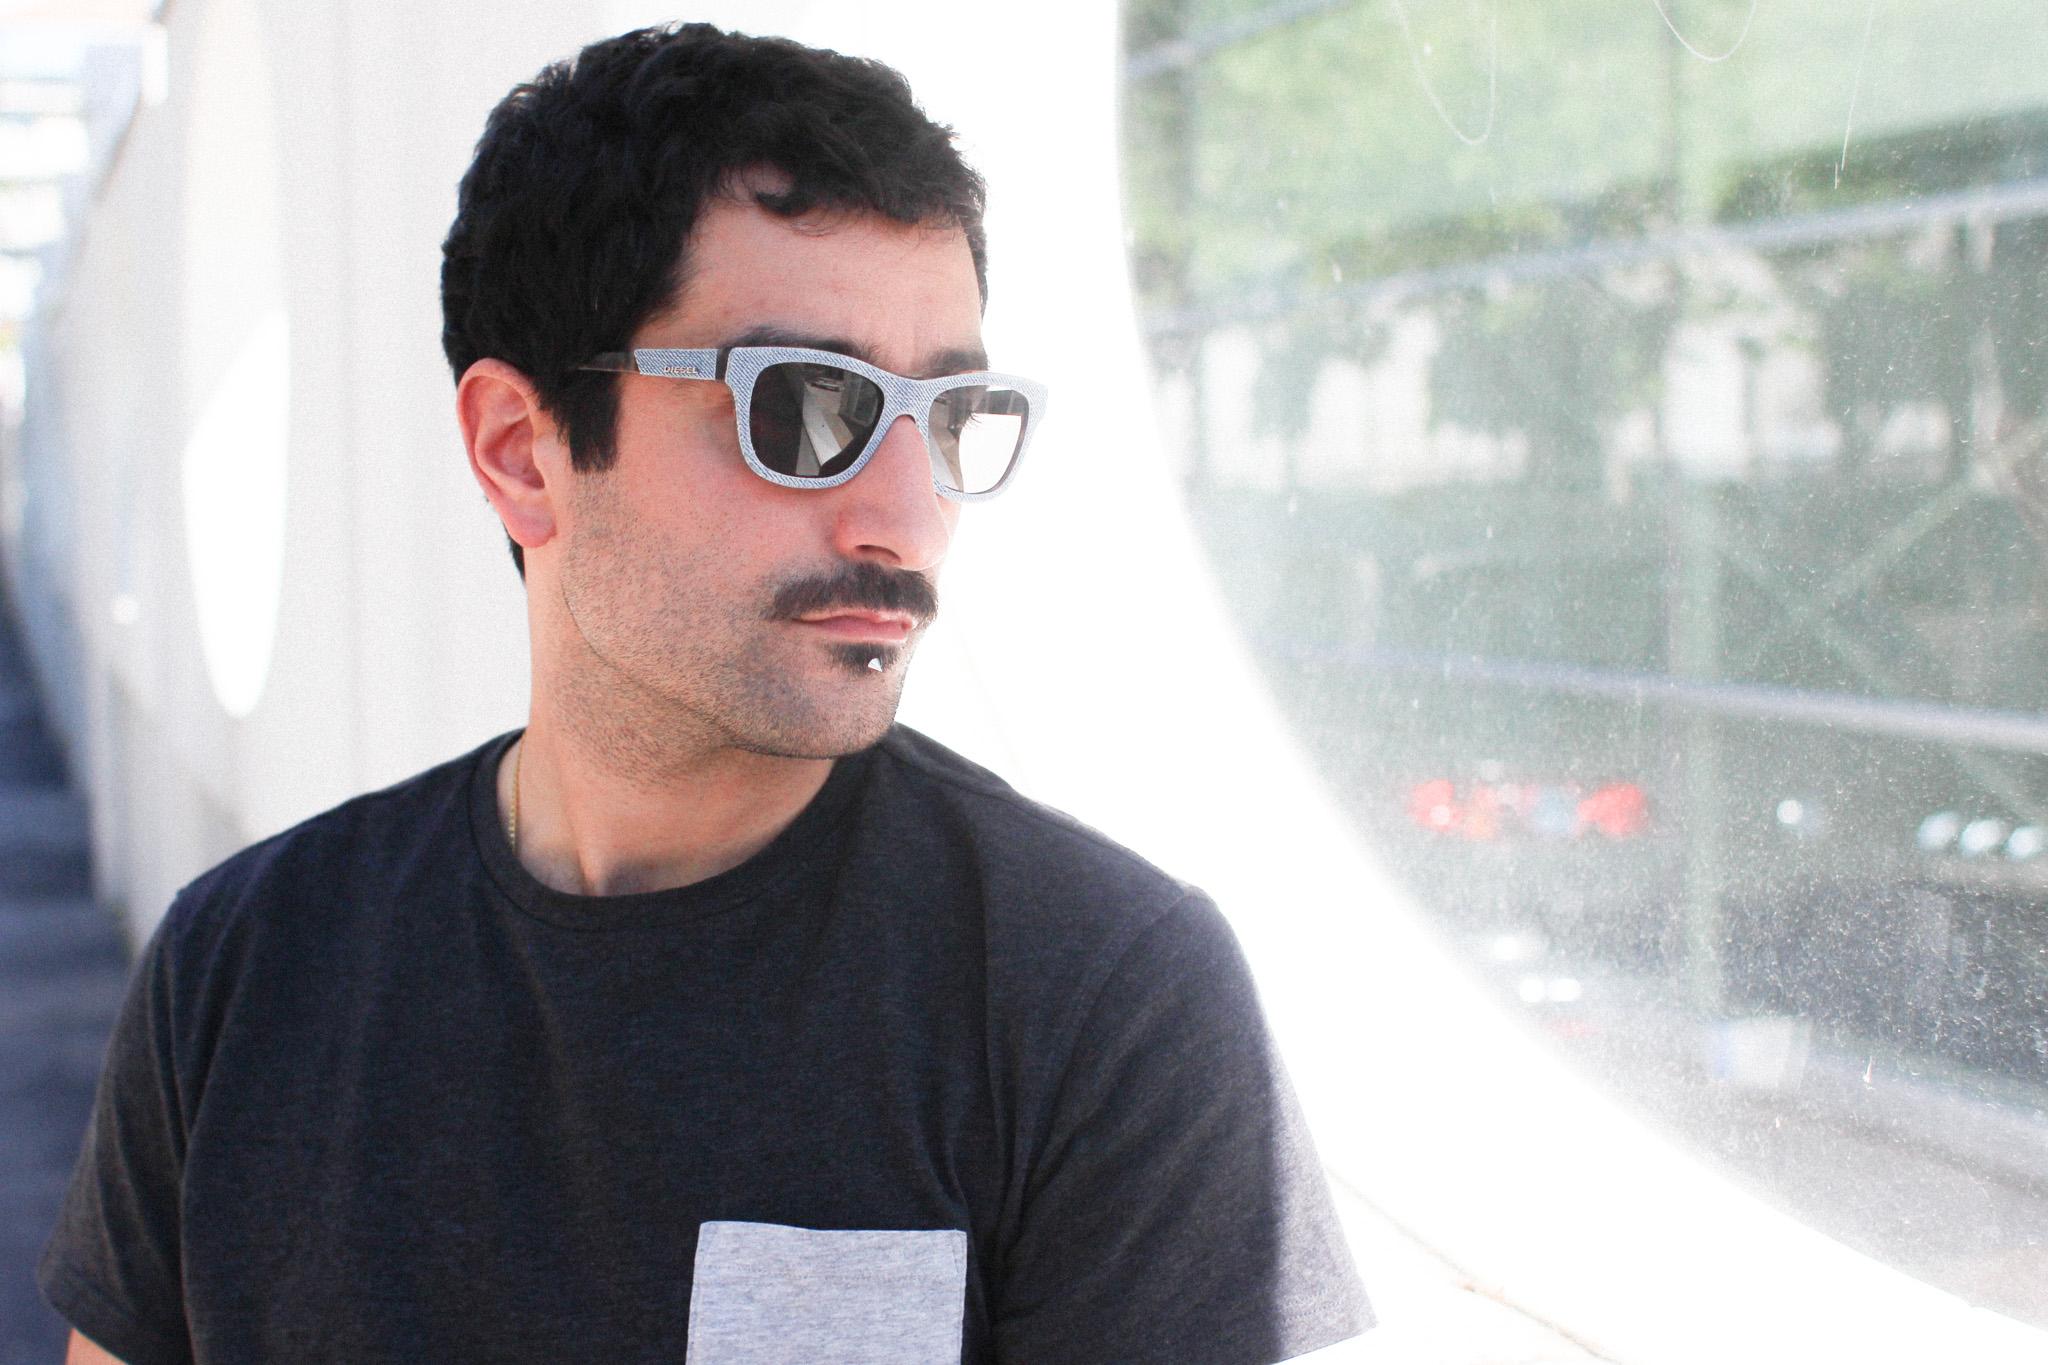 diesel-sunglasses-editorial-rfm-17.jpg